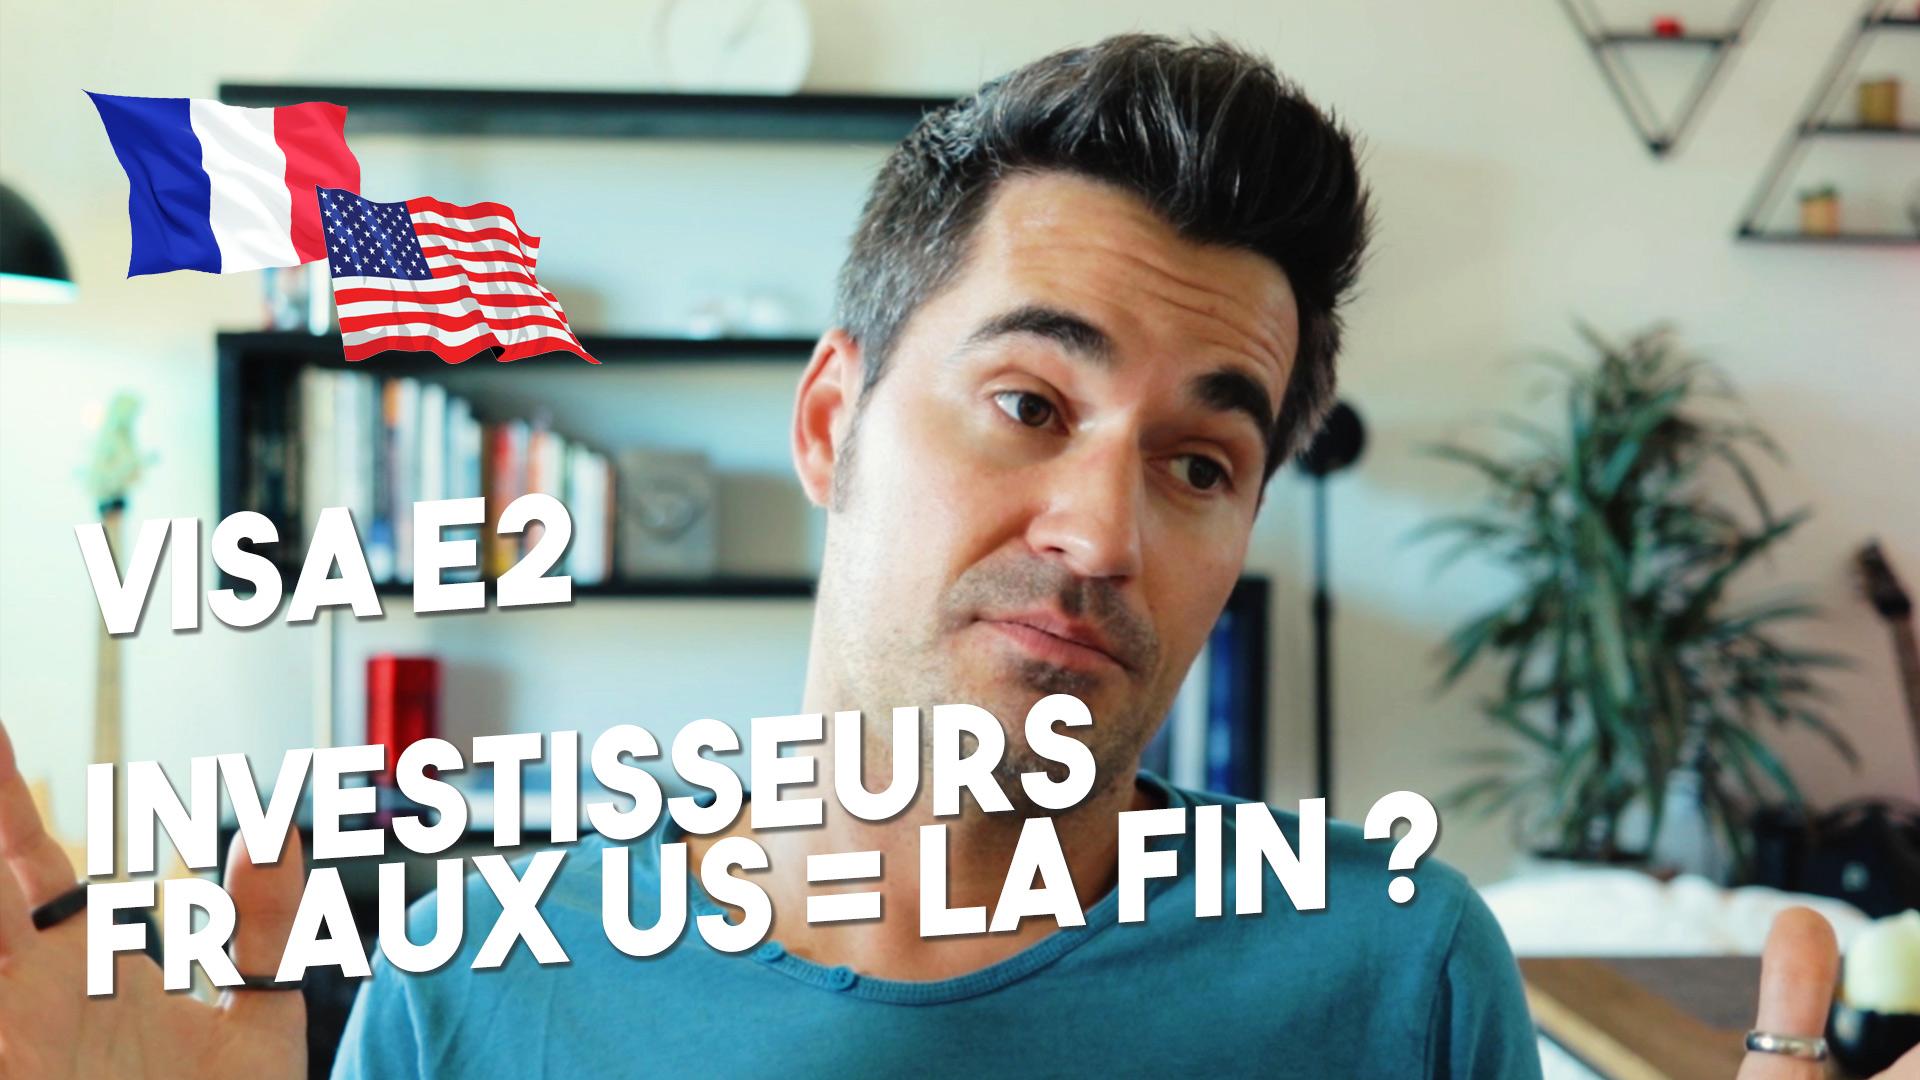 Visa E2 Investisseur – La fin des entrepreneurs français aux Etats-Unis ?